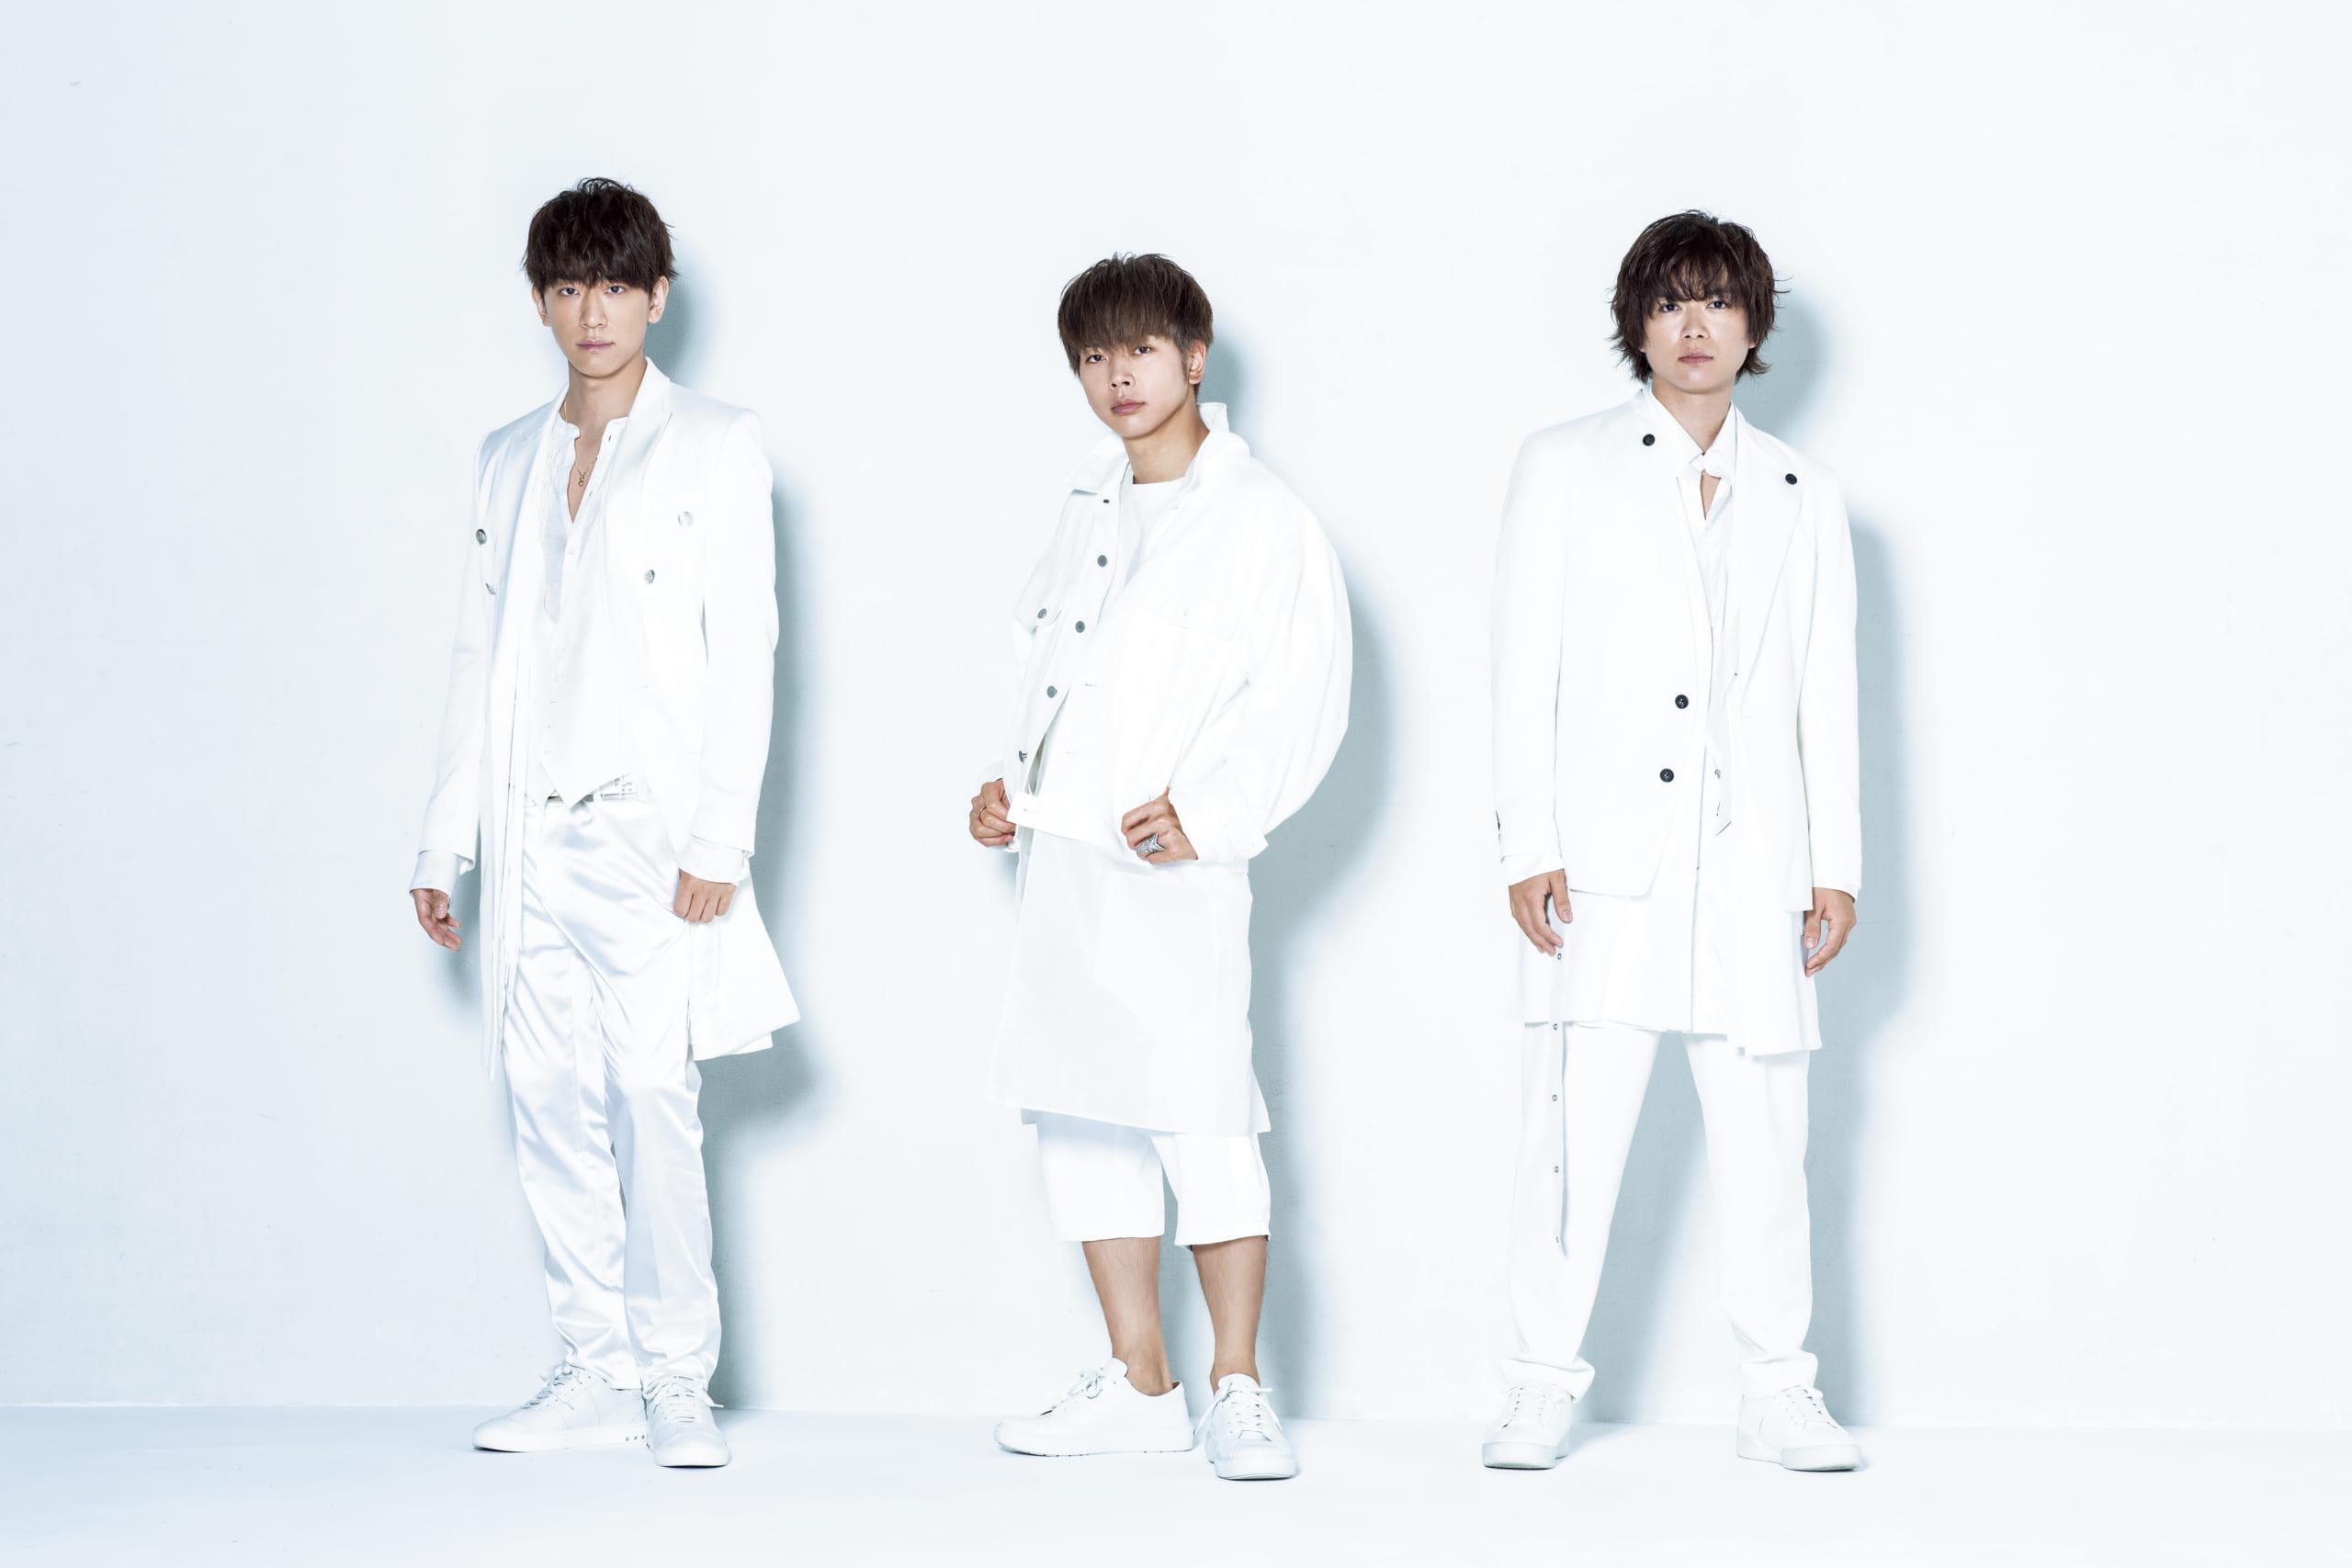 TVアニメ「半妖の夜叉姫」1月クールのOPテーマはNEWSの新曲「BURN」に決定!メンバーからのコメントも到着